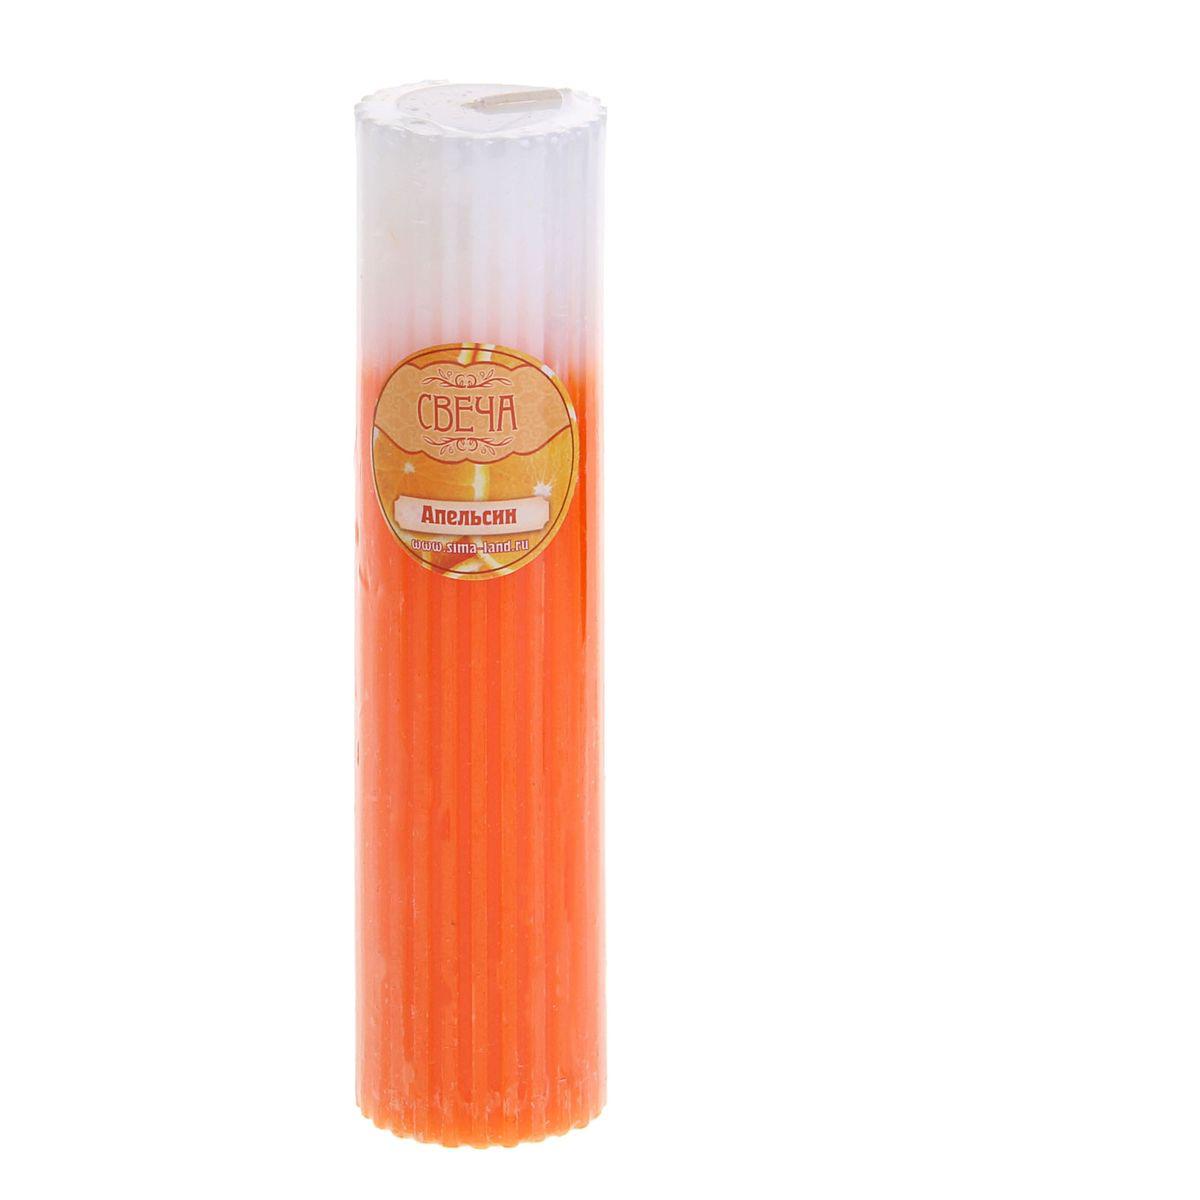 Свеча ароматизированная Sima-land Апельсин, высота 15 см свеча ароматизированная sima land апельсин высота 10 см